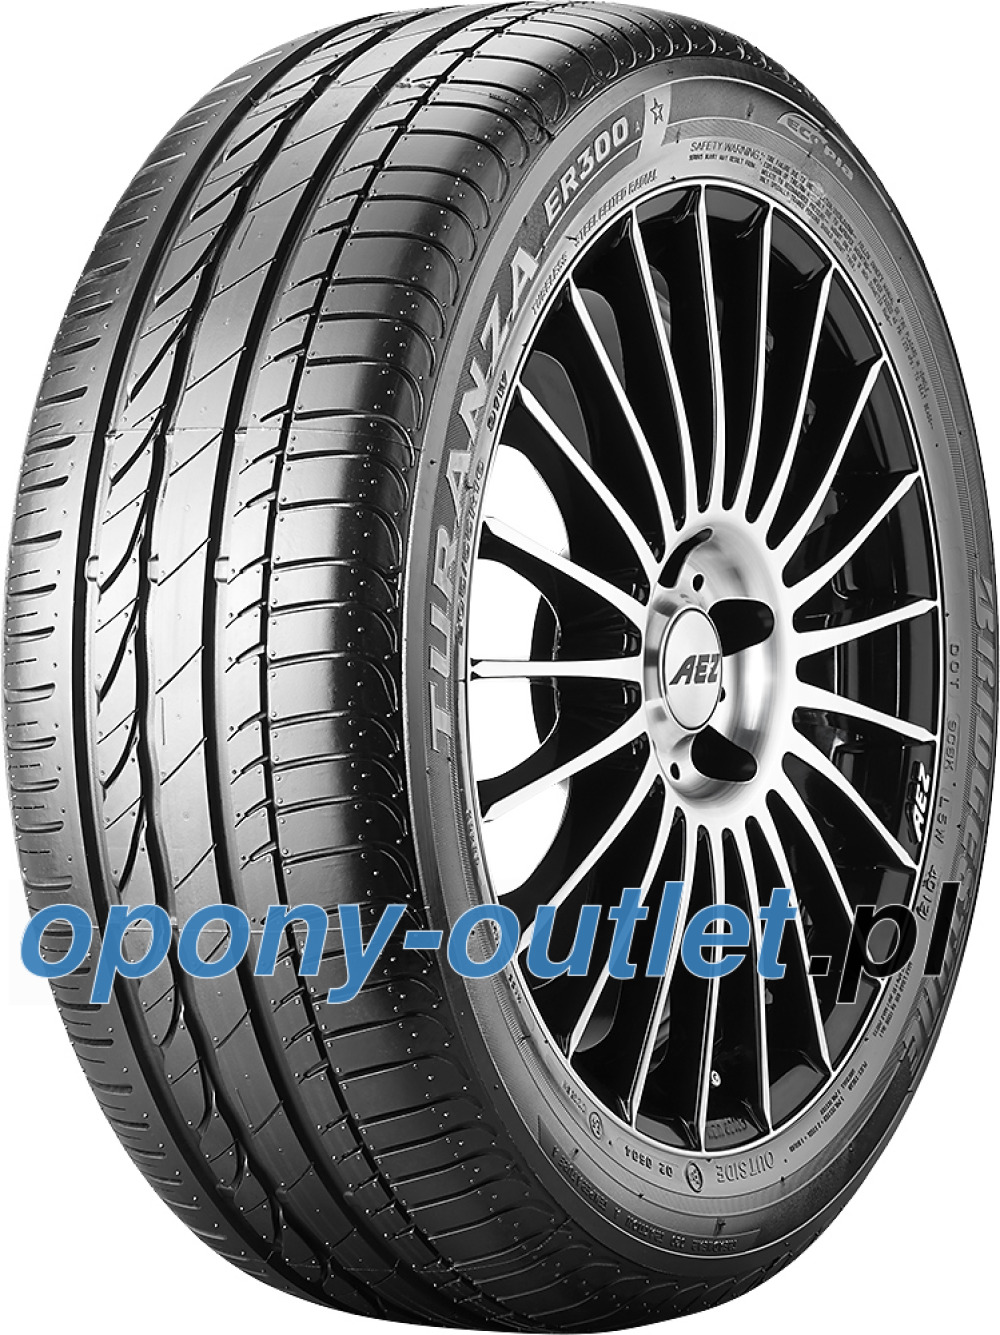 Bridgestone Turanza ER 300A Ecopia ( 205/60 R16 92W *, osłona felgi (MFS) )